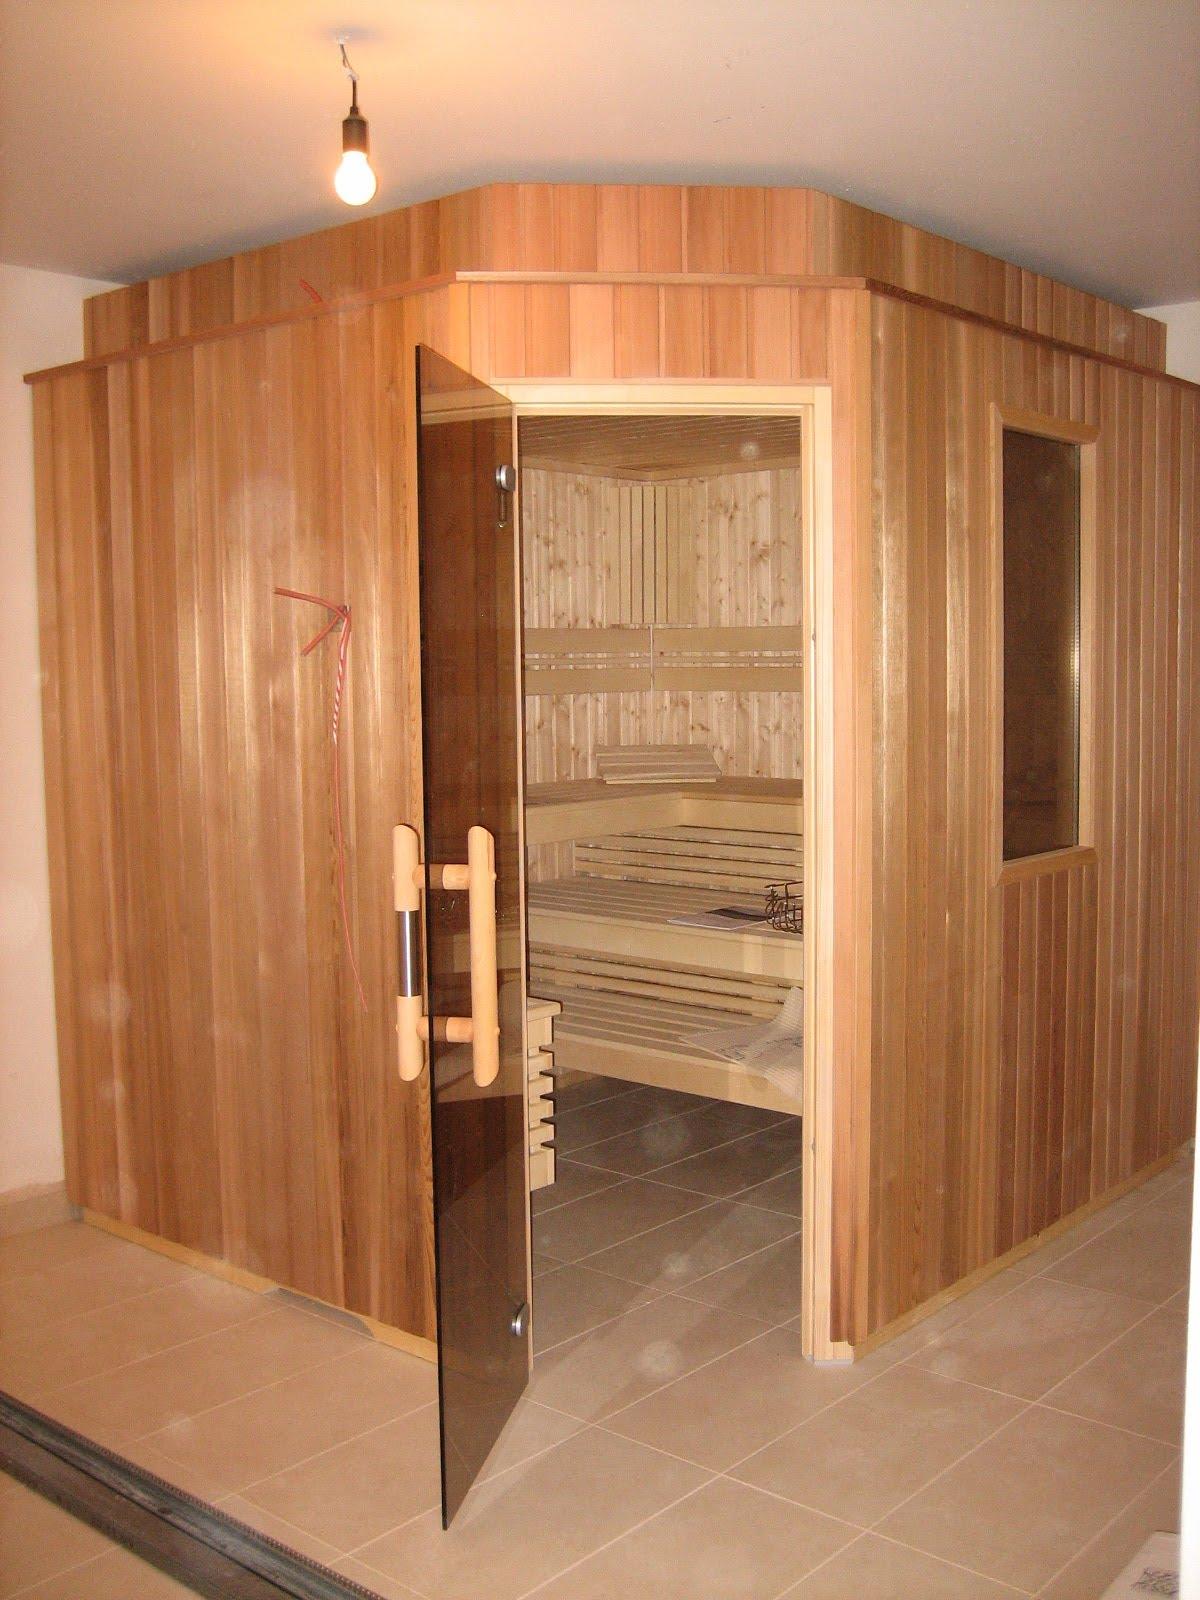 sauna selber bauen kosten sauna selbst bauen kosten nikkihaus sauna selber bauen kosten sauna. Black Bedroom Furniture Sets. Home Design Ideas